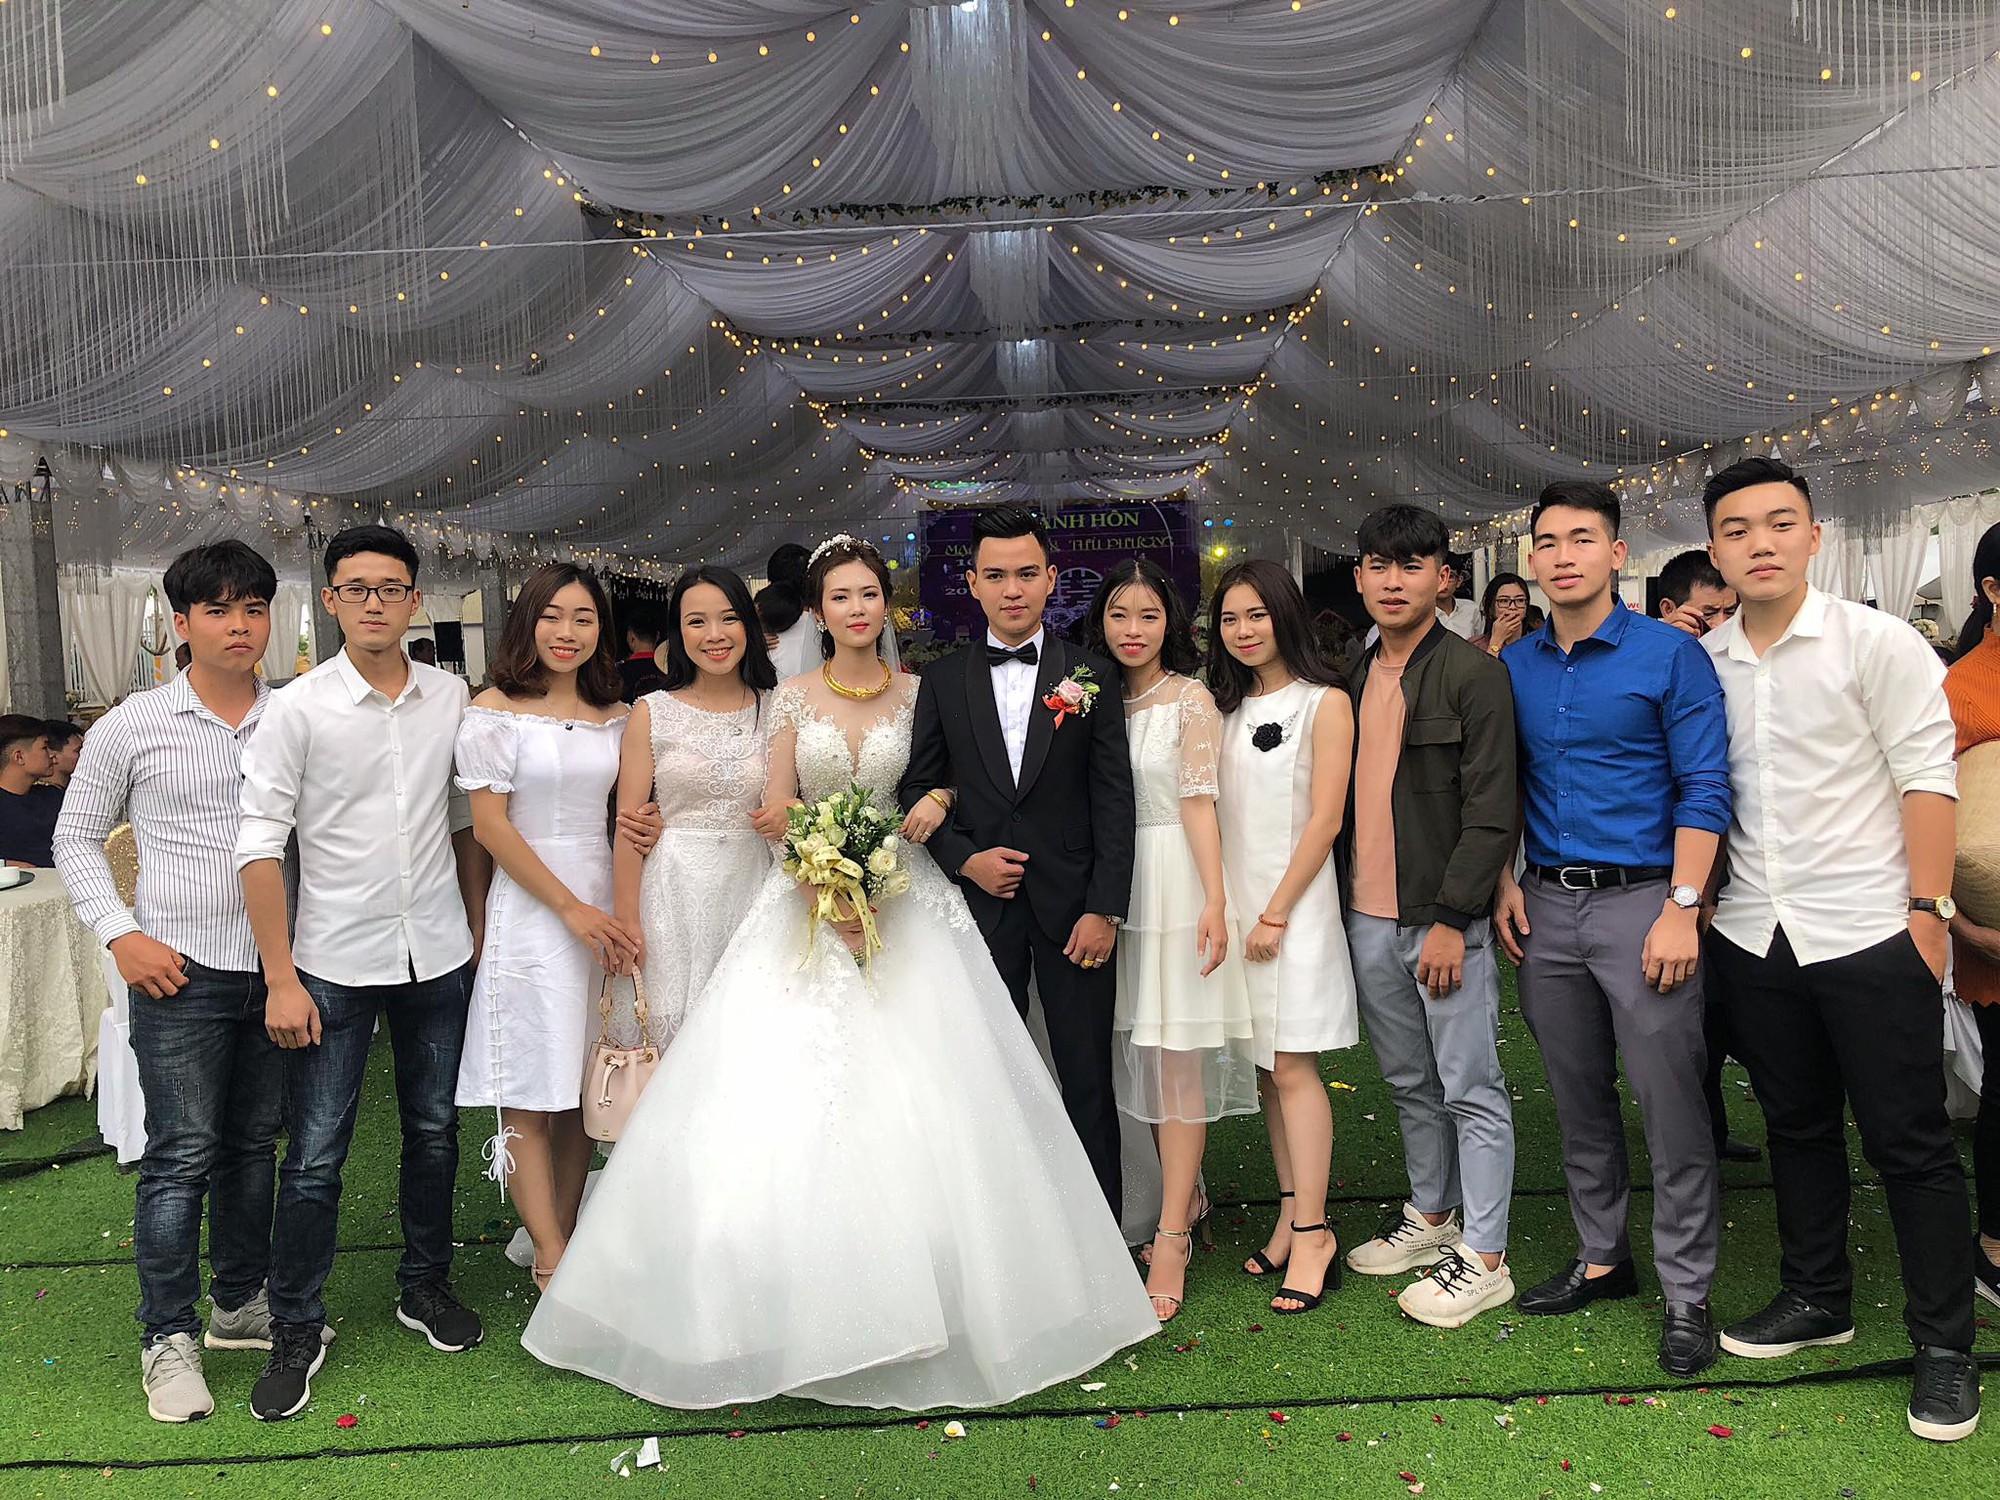 Cô dâu chú rể rạng rỡ trong đám cưới khủng